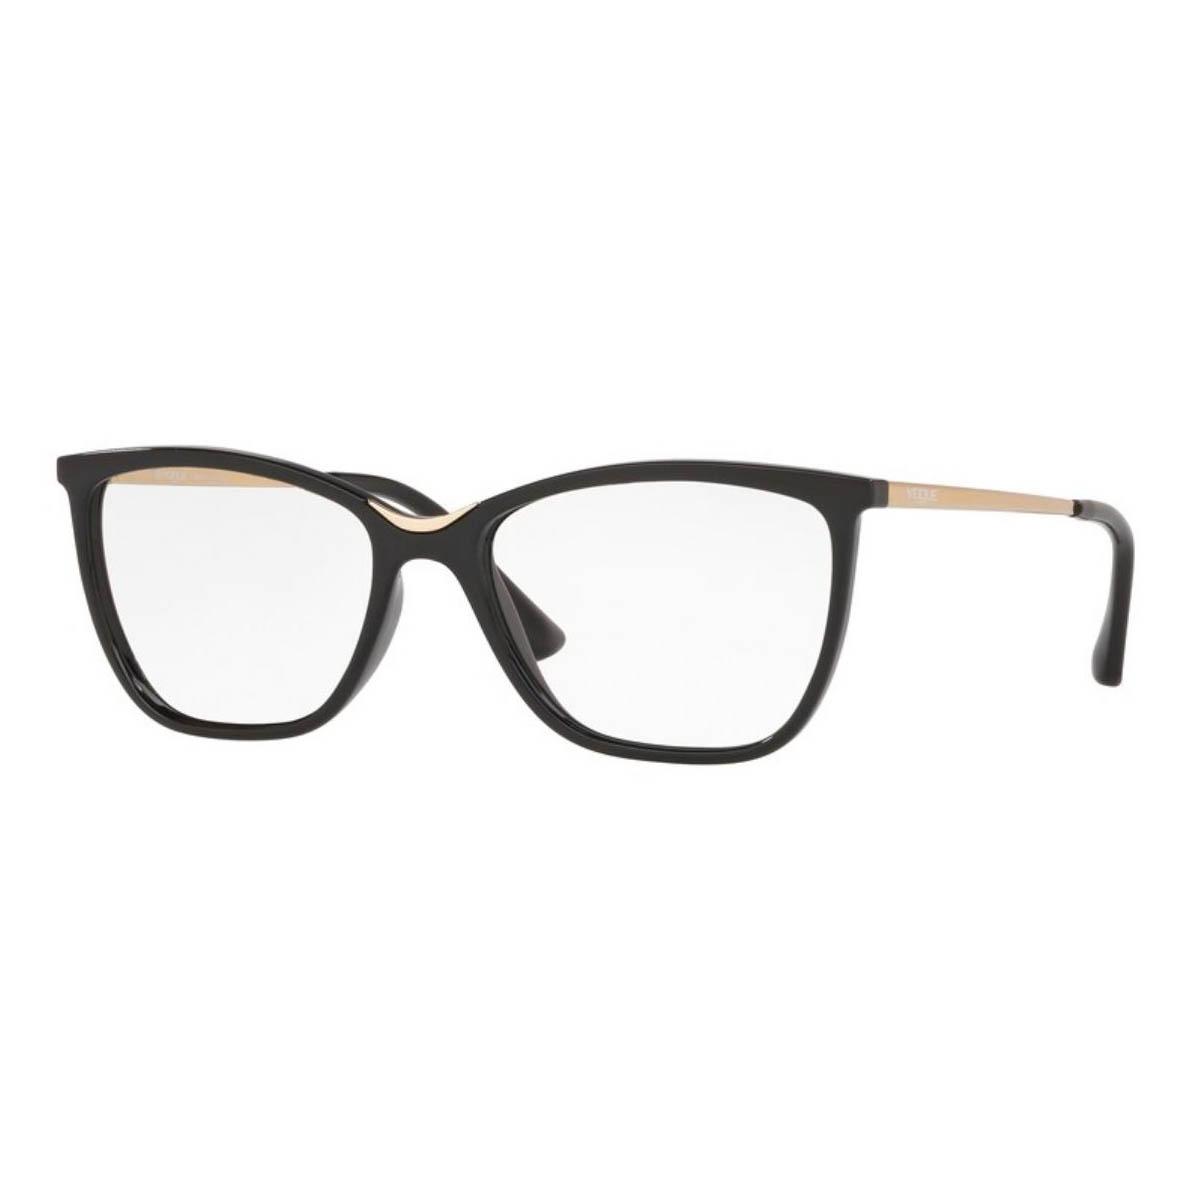 Óculos de Grau Vogue Feminino VO5264L Preto Brilho e Dourado